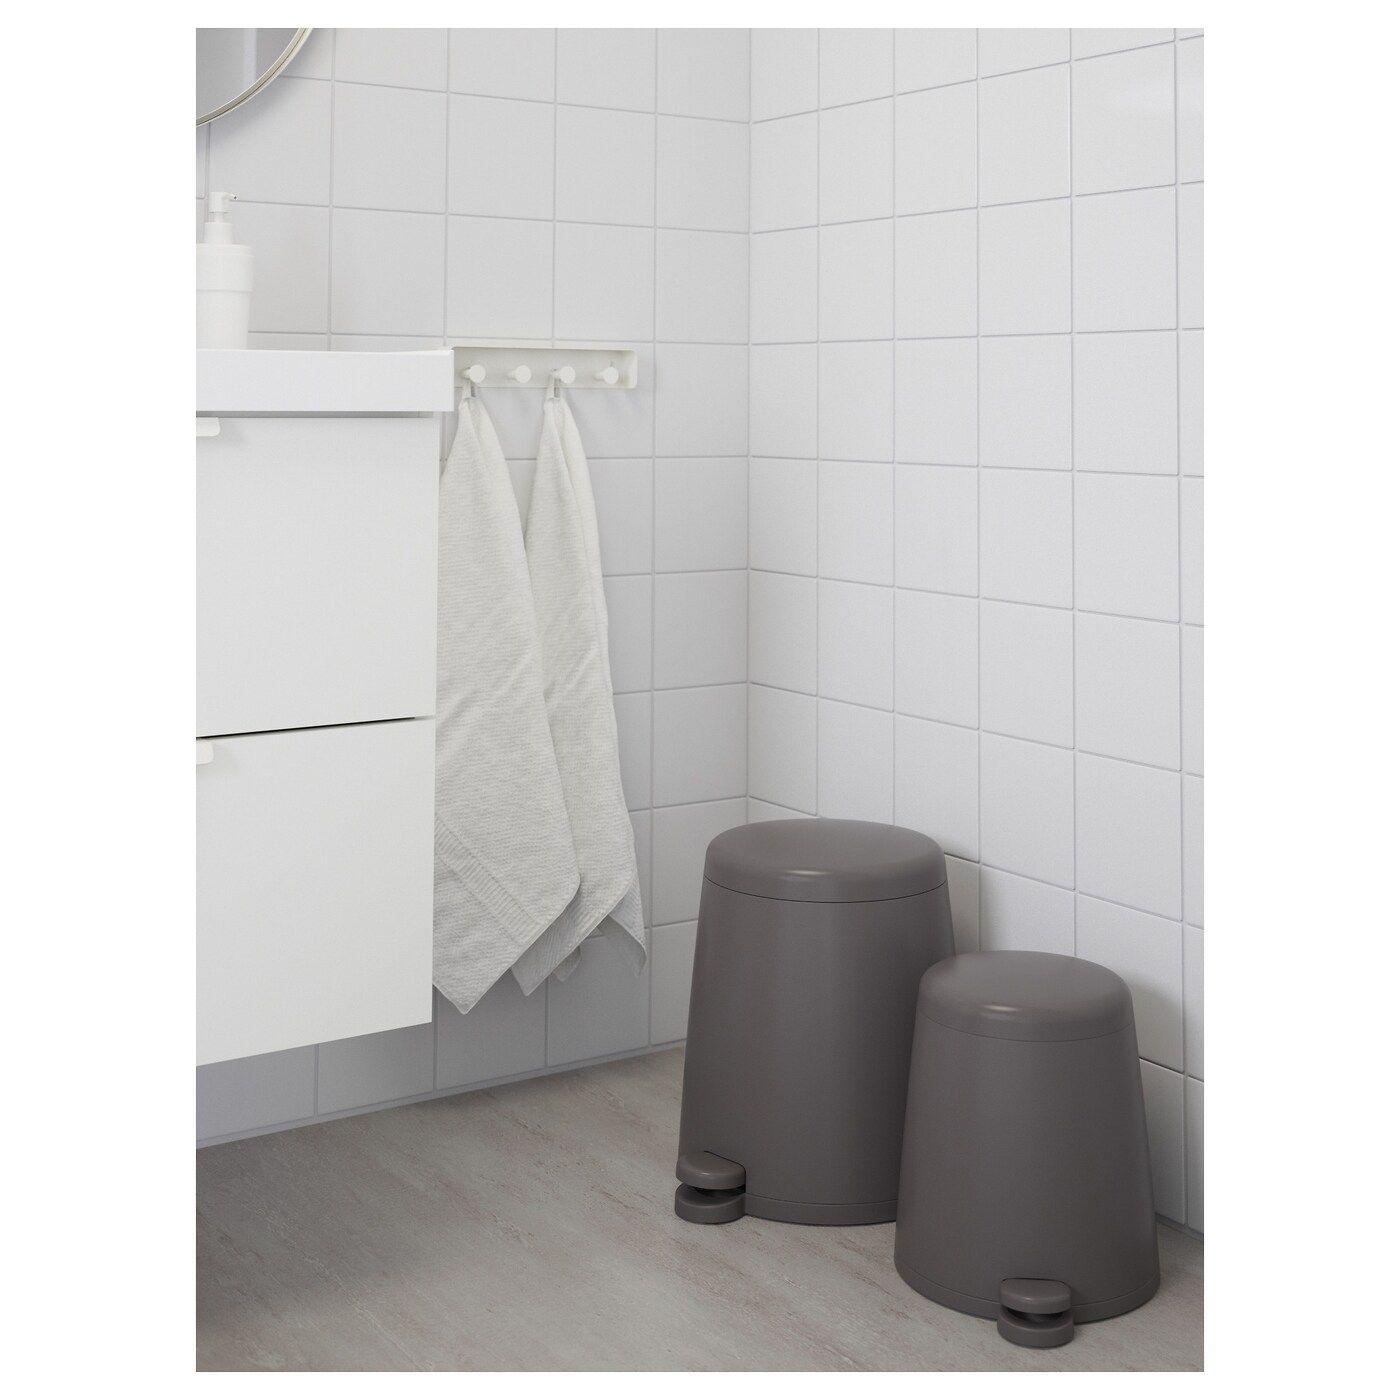 Snapp Treteimer Grau Ikea Osterreich In 2020 Ikea Eimer Und Toiletten